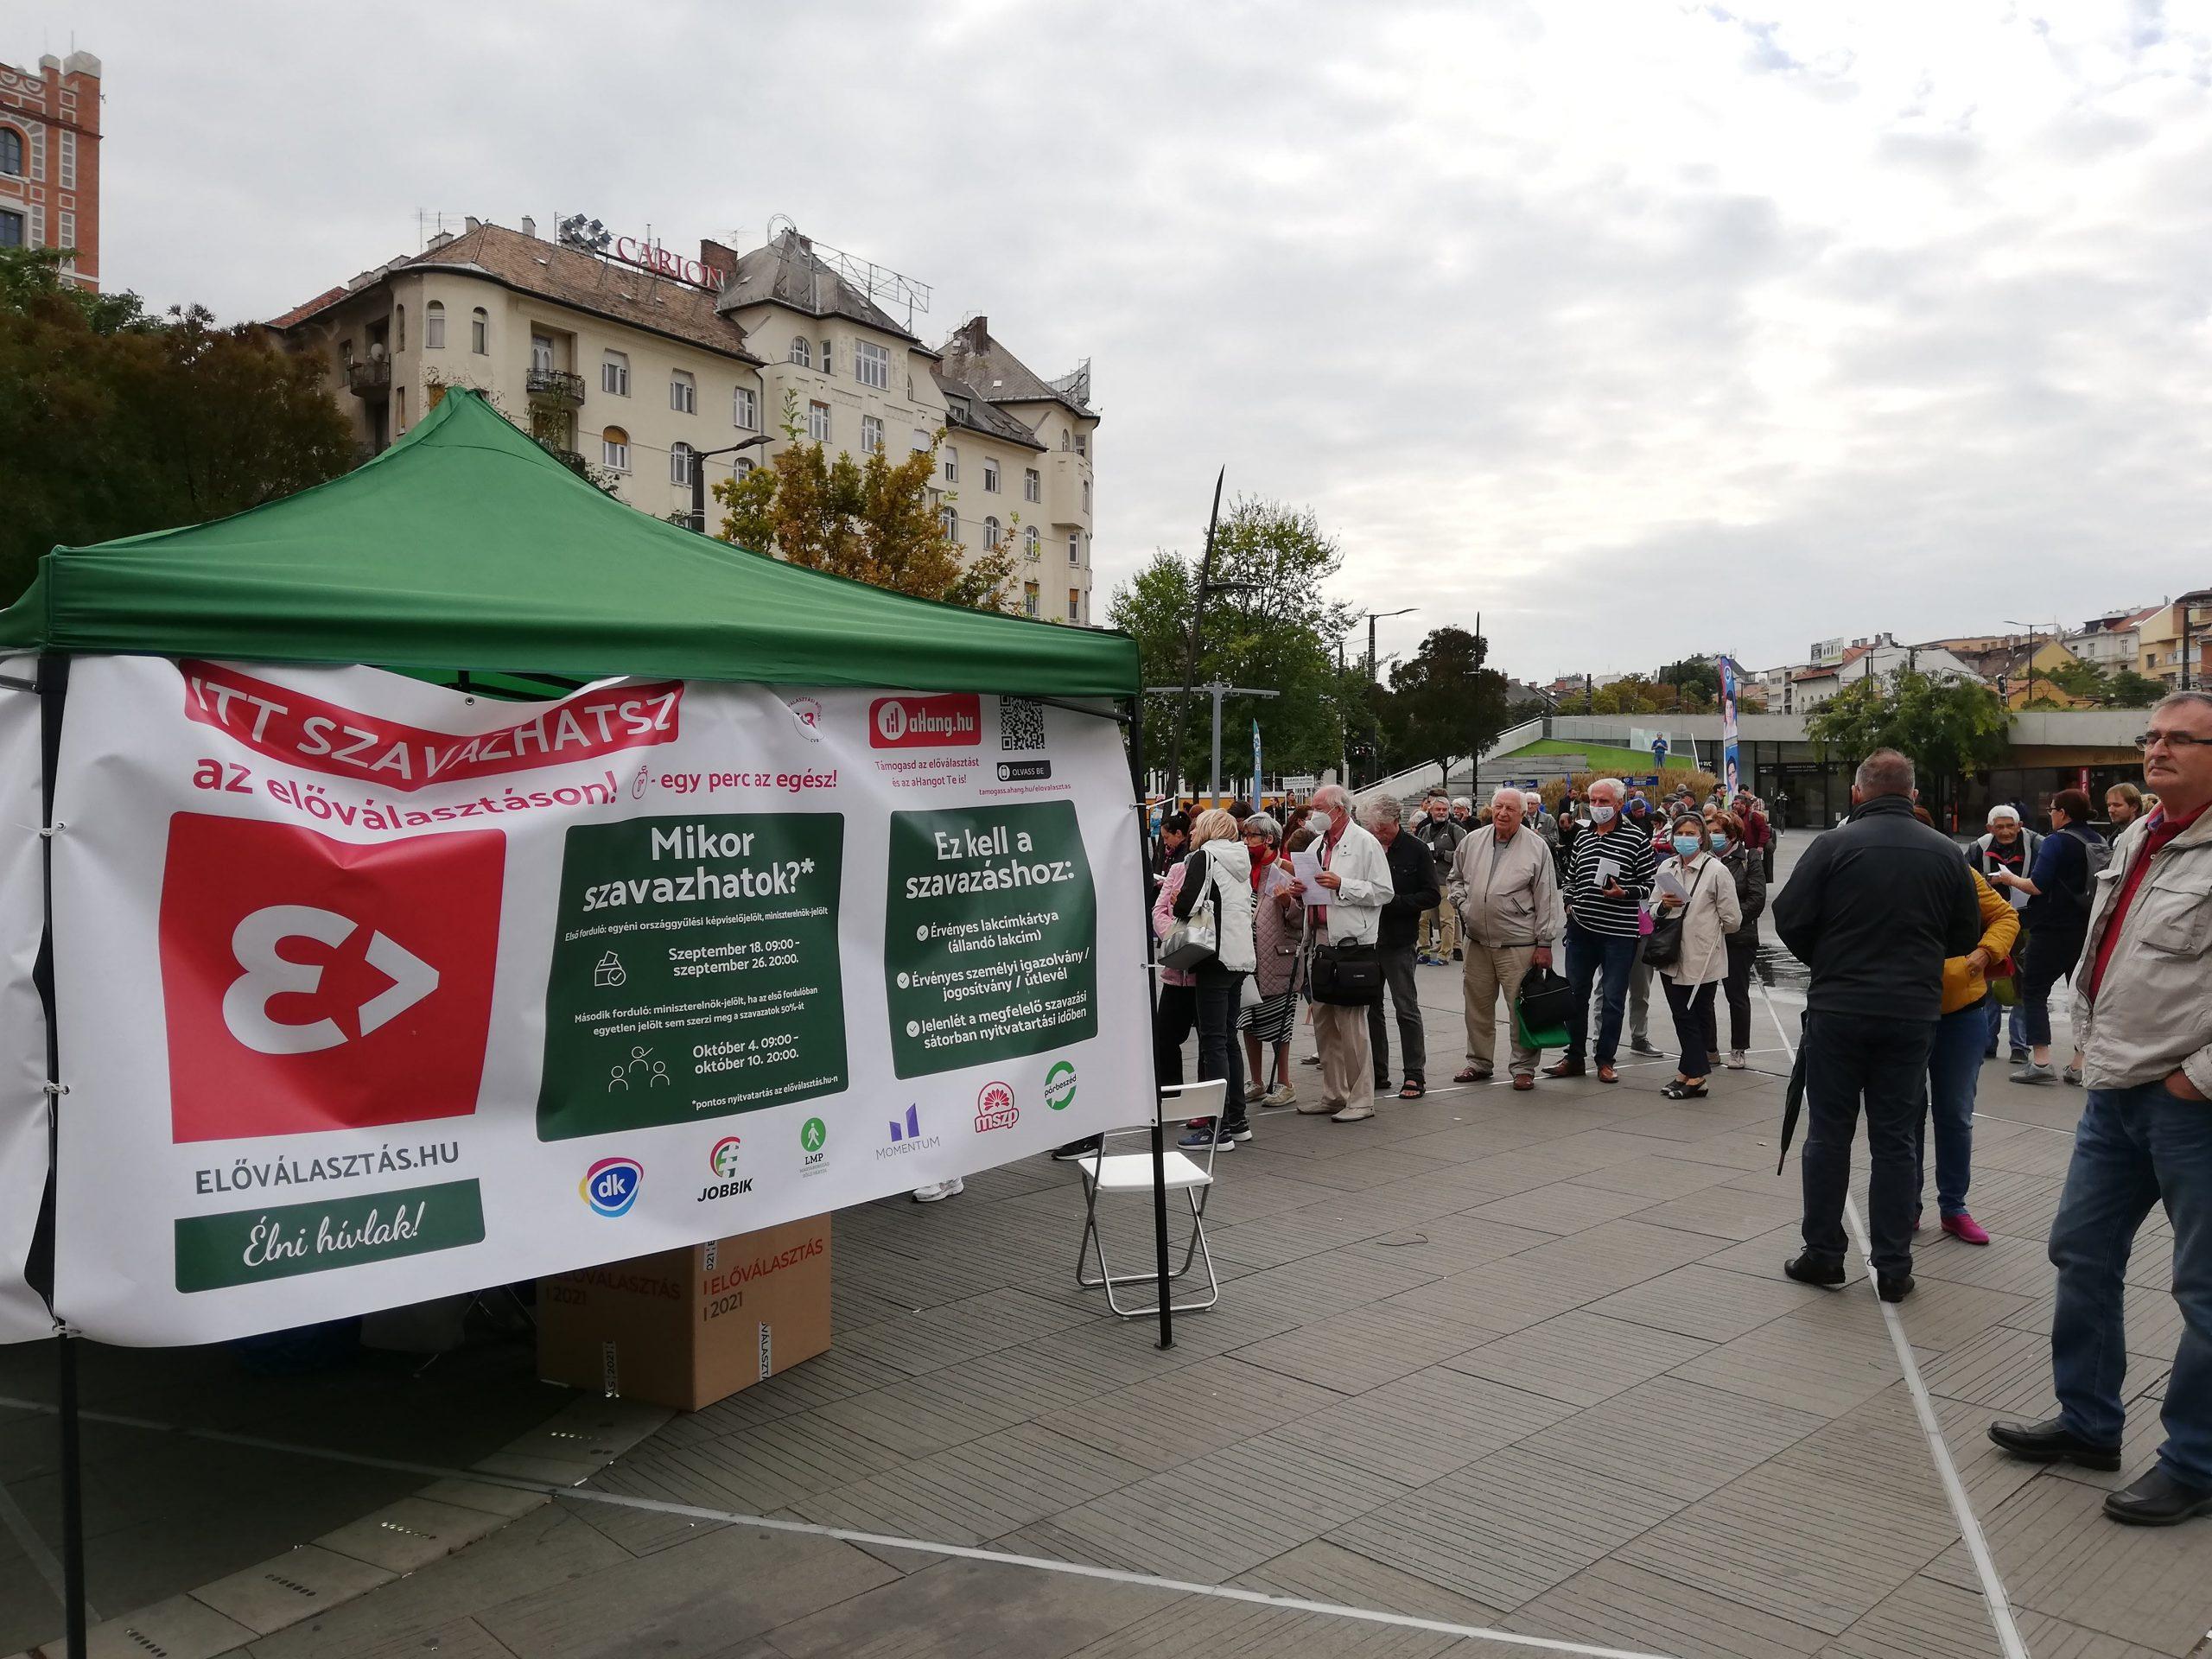 BUDAPOST: IT-Probleme: Vorwahl der Opposition ausgesetzt